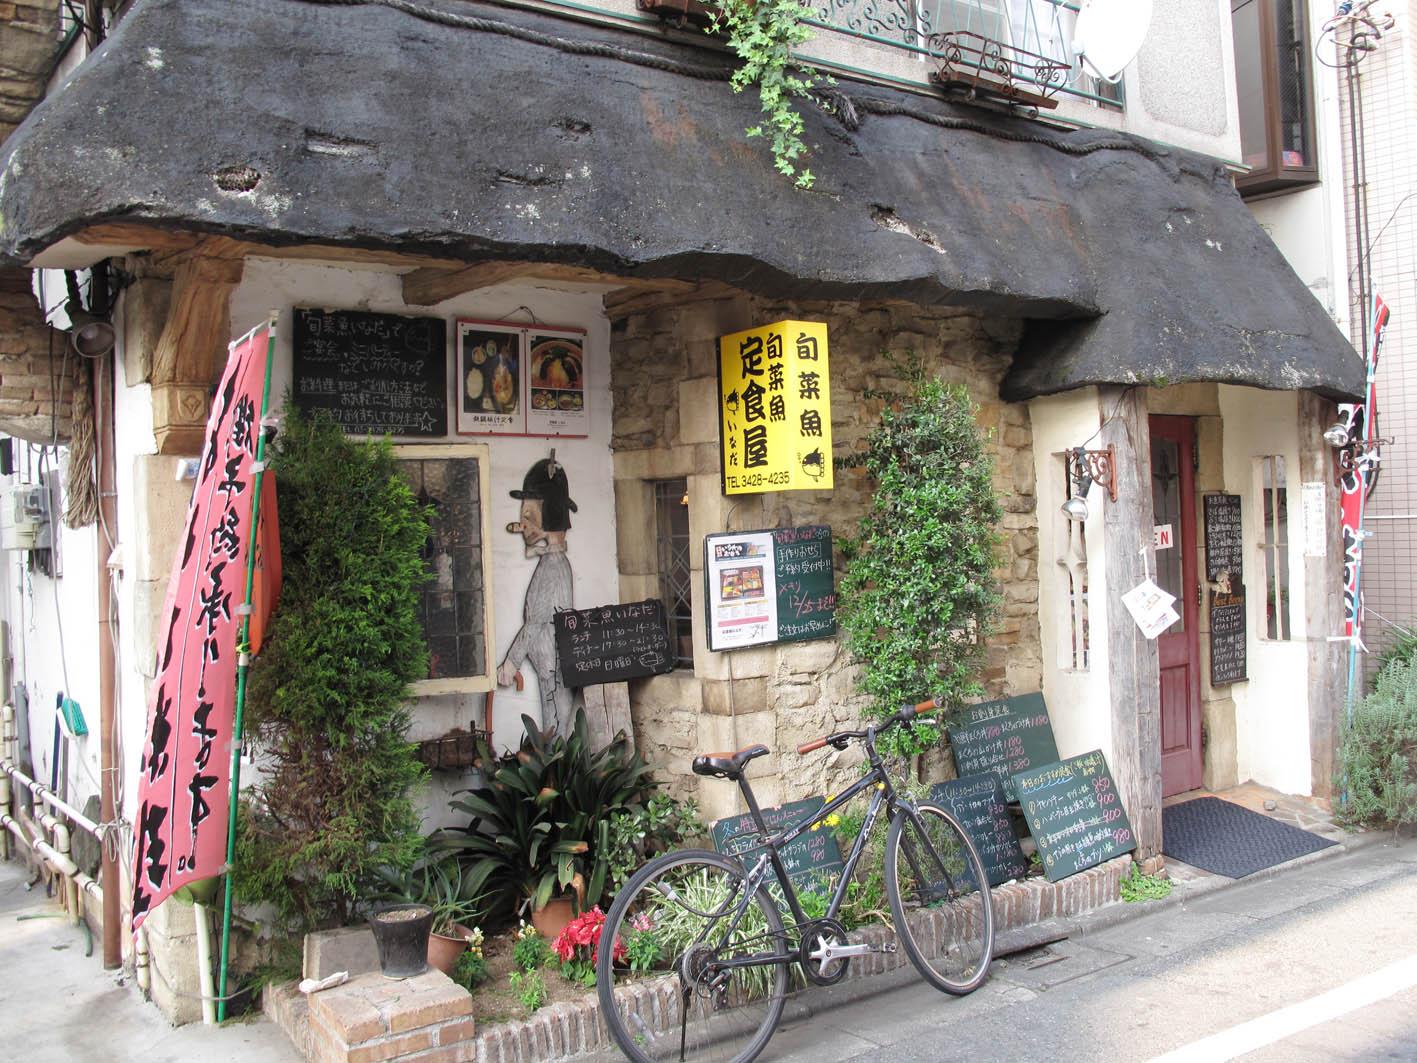 いなだ 豪徳寺 有吉弘行、『孤独のグルメ』で行きつけの豪徳寺の定食屋「旬菜魚 いなだ」が紹介されていて歓喜したと告白「嬉しかったなぁ、あれは。最高の気分だったね」